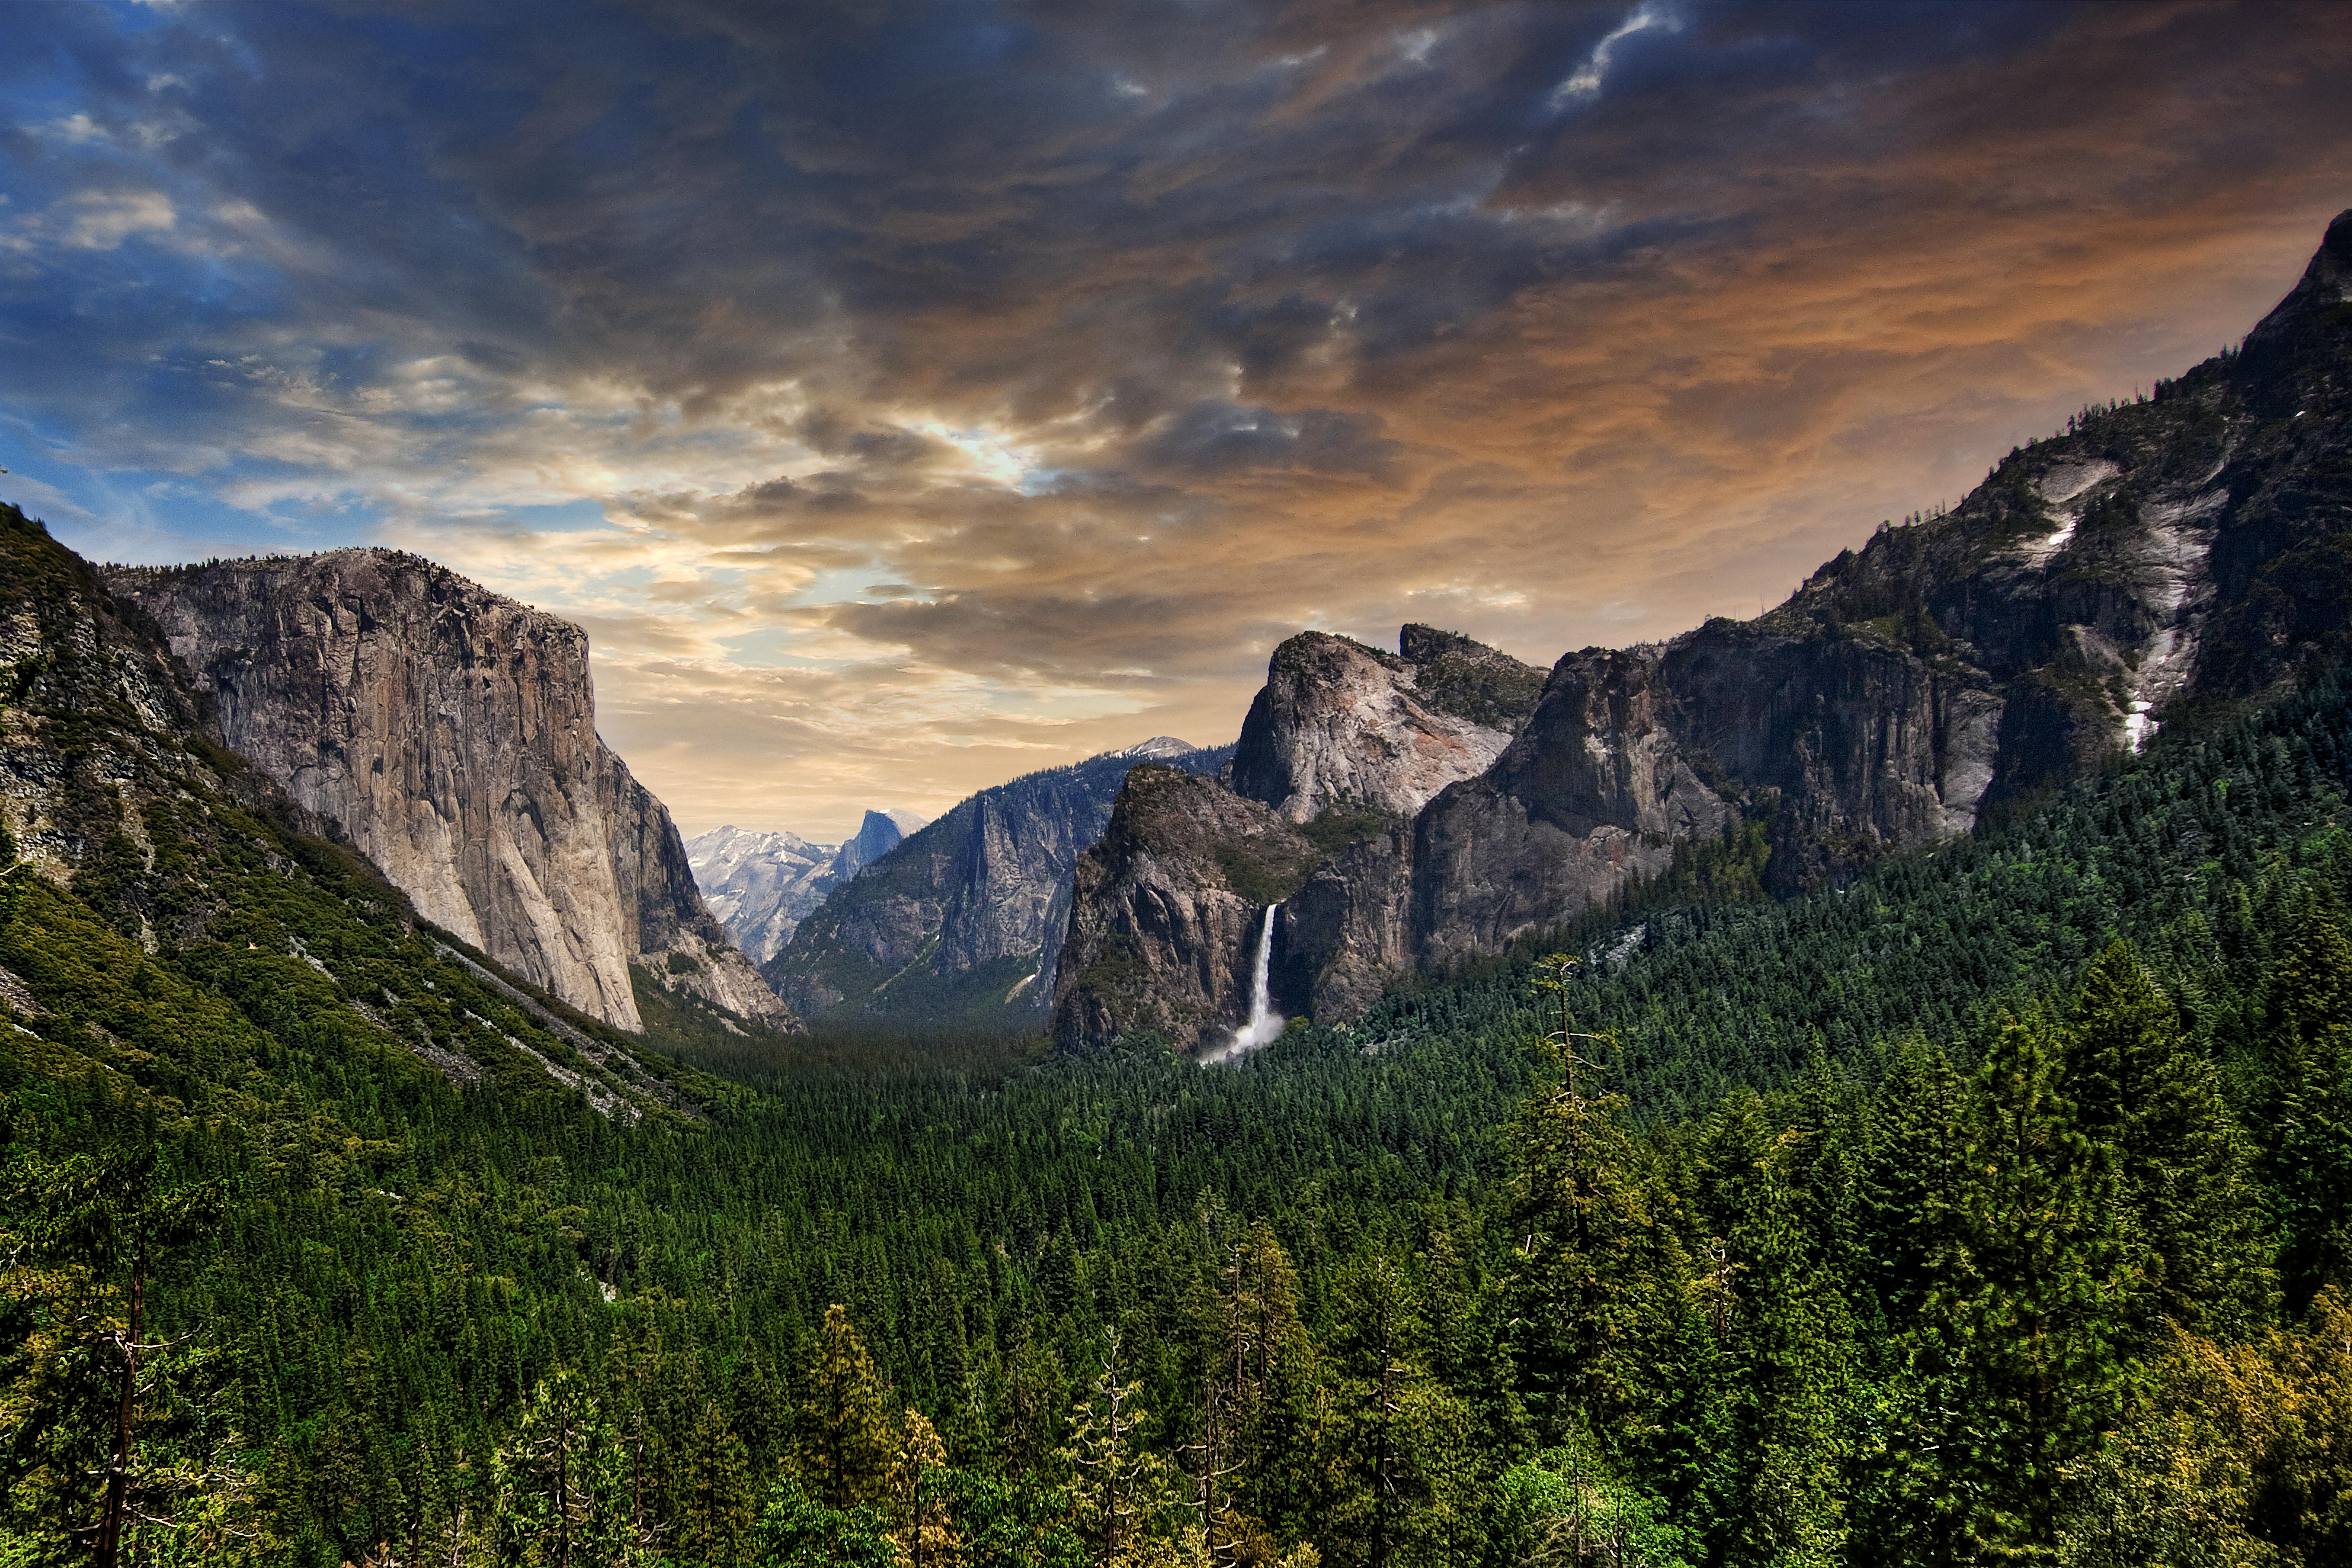 Parque Nacional De Yosemite 8k Ultra Fondo De Pantalla Hd